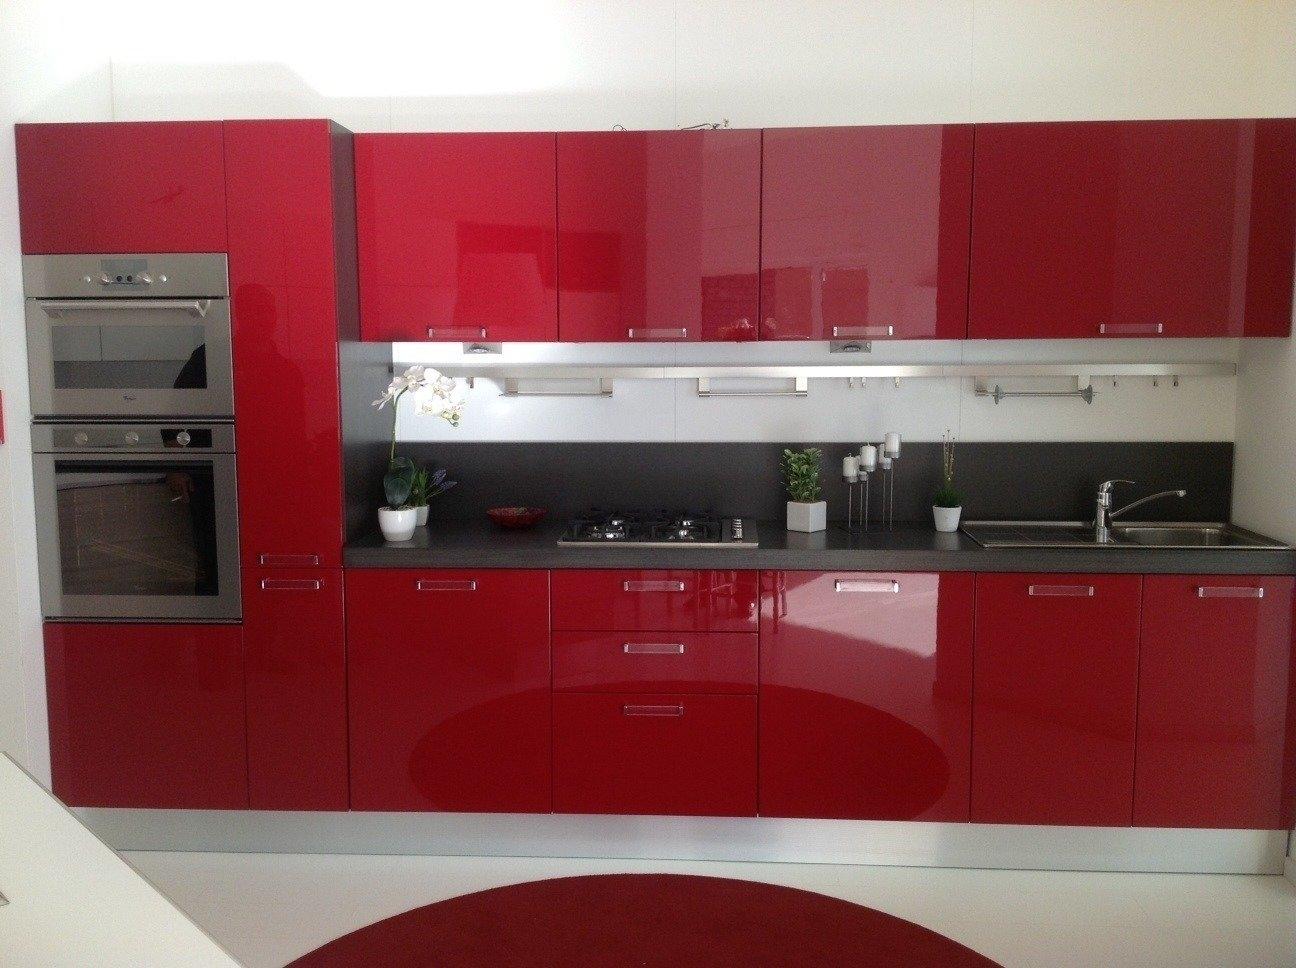 Offerta Scavolini Sax Rossa 4683 - Cucine a prezzi scontati